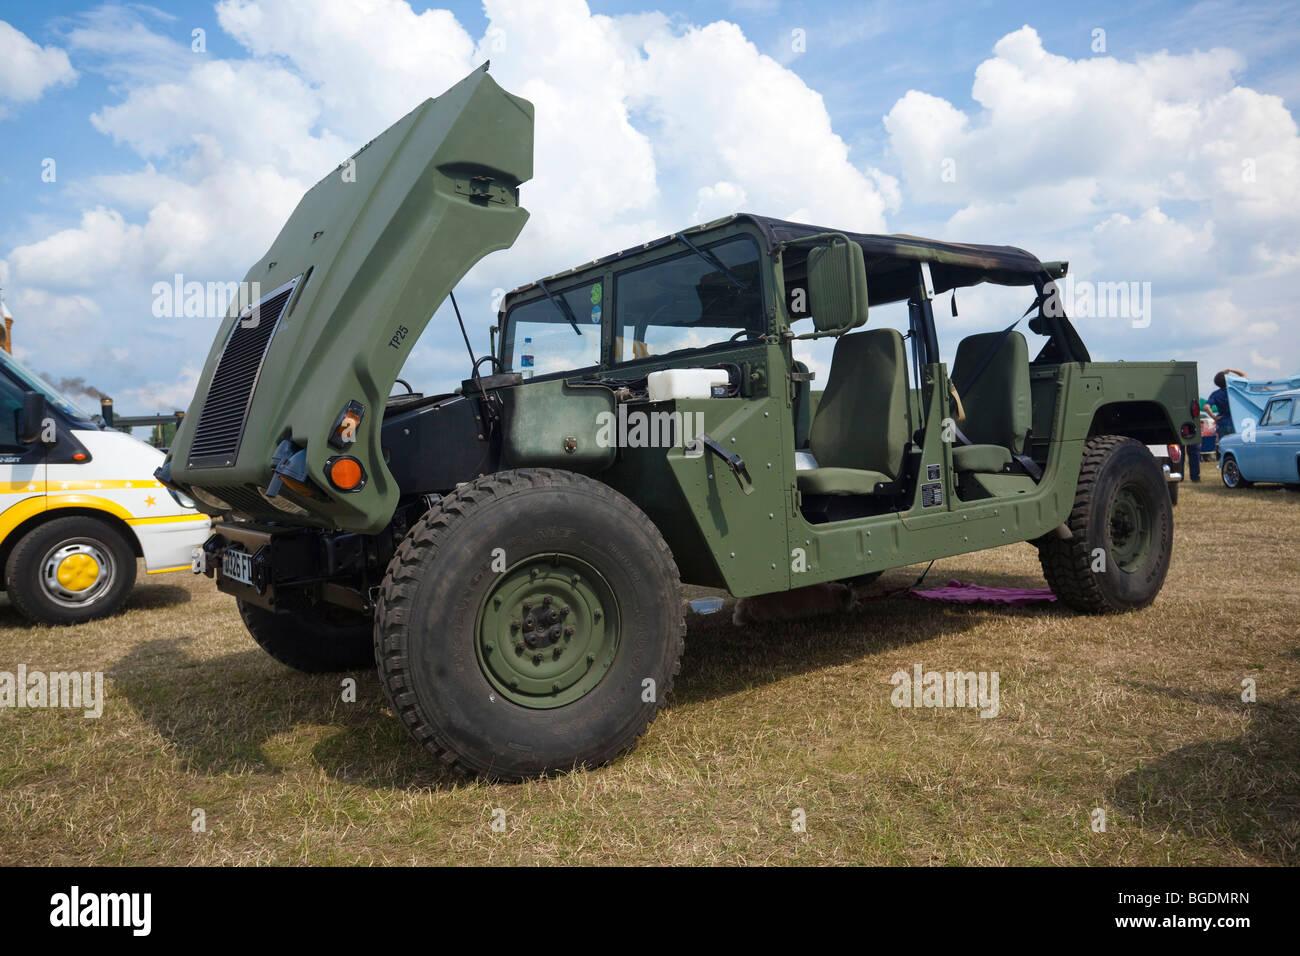 Humvee militare veicolo sul display all'auto show NEL REGNO UNITO Immagini Stock